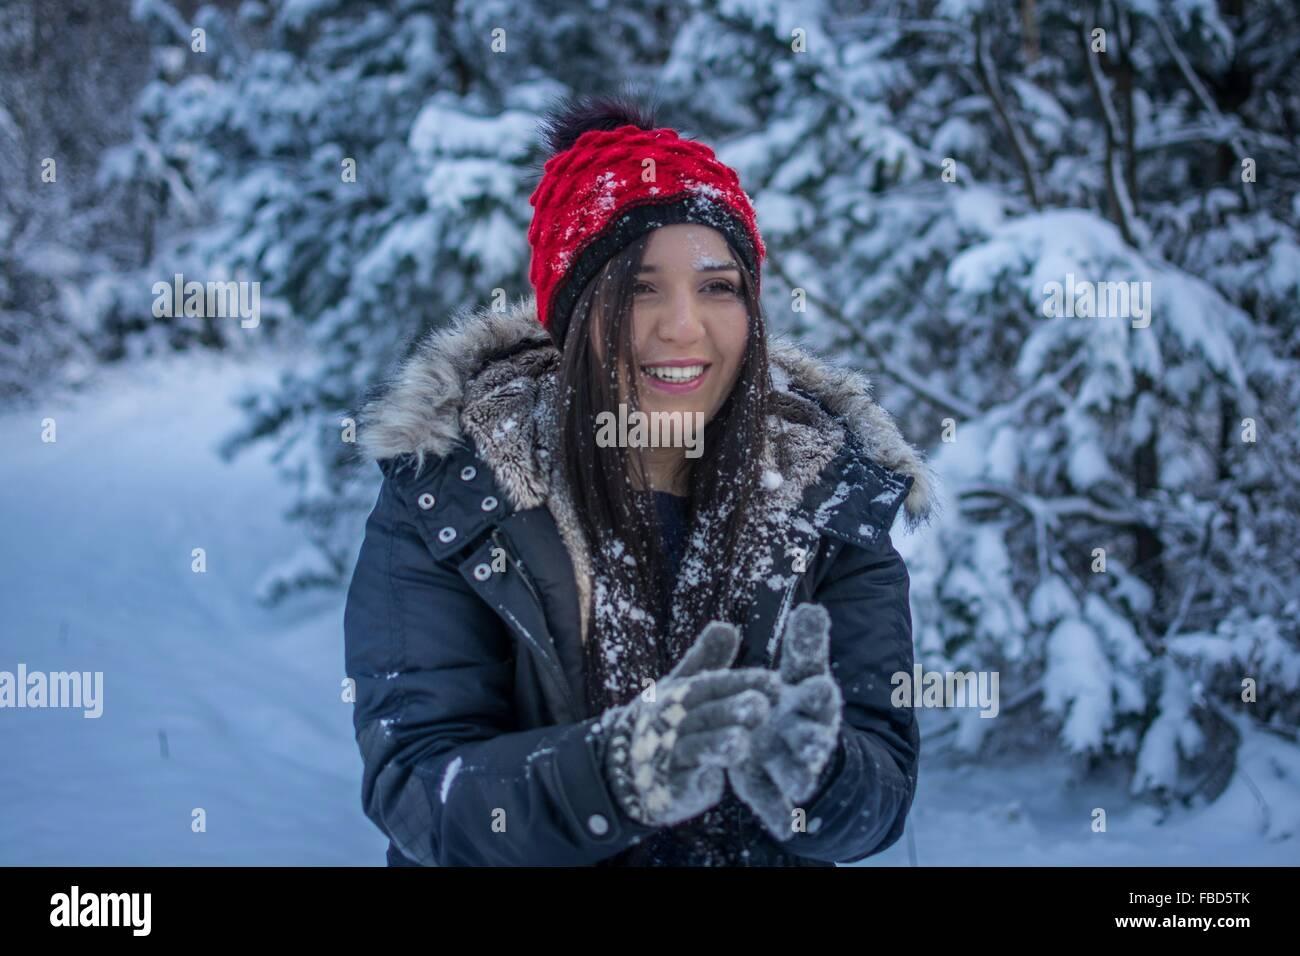 Woman Wearing Winter Gear In Snow Stock Photo